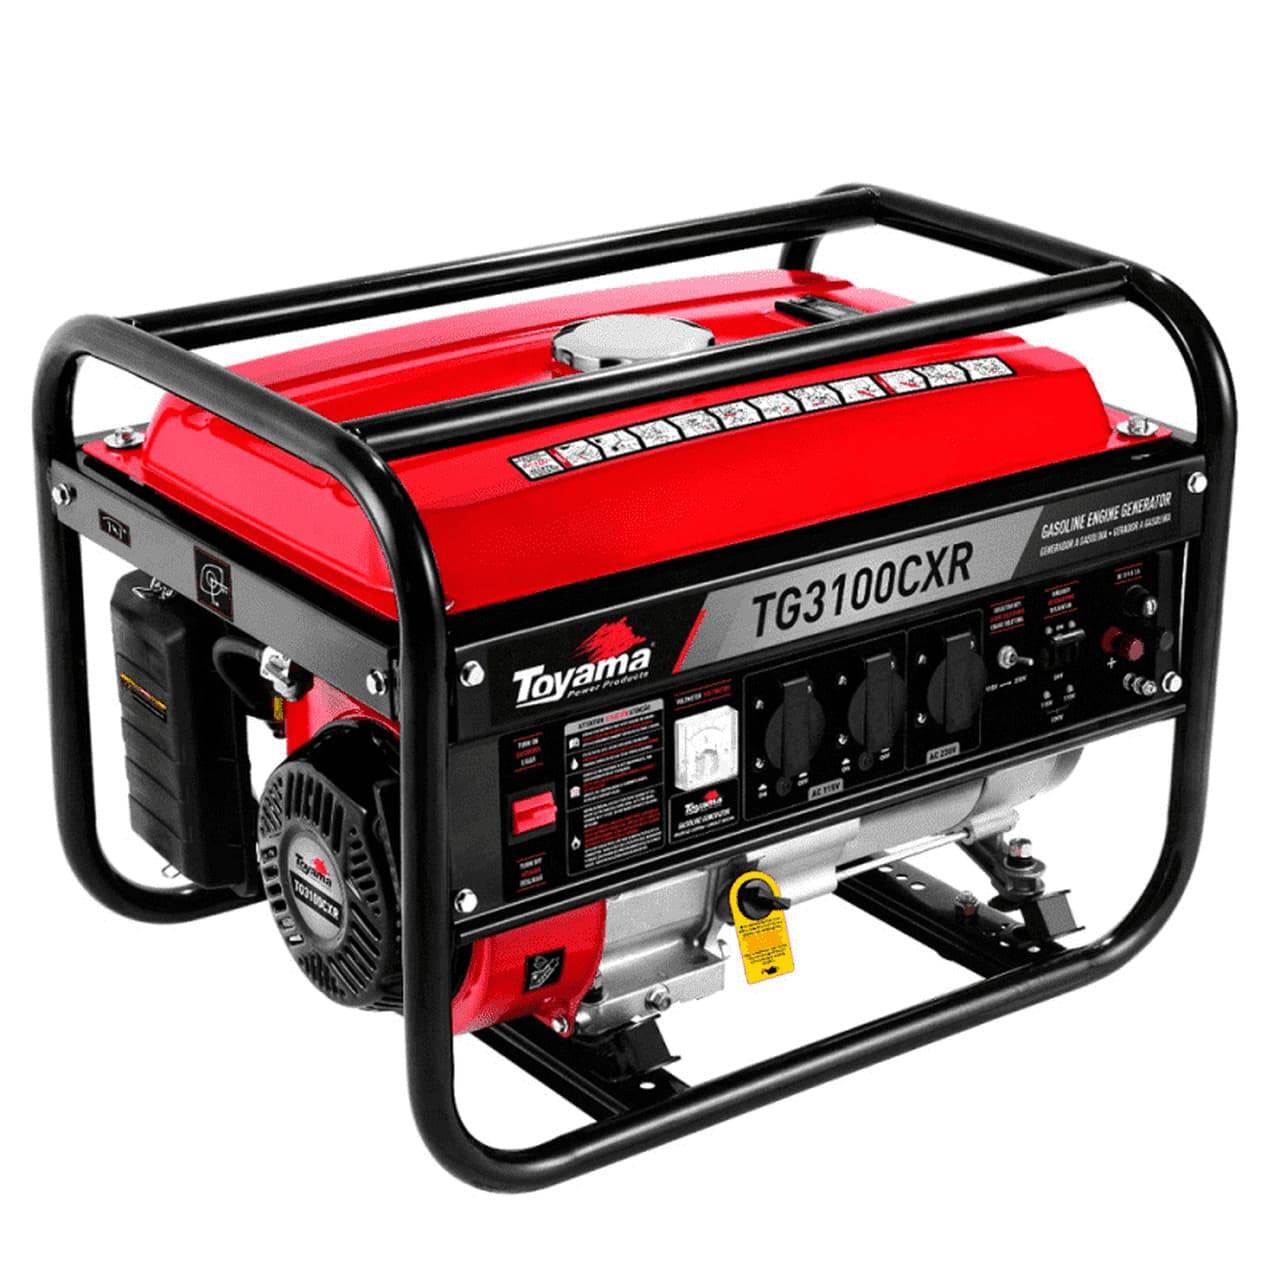 Gerador de Energia Gasolina TG3100CXR 110/220V